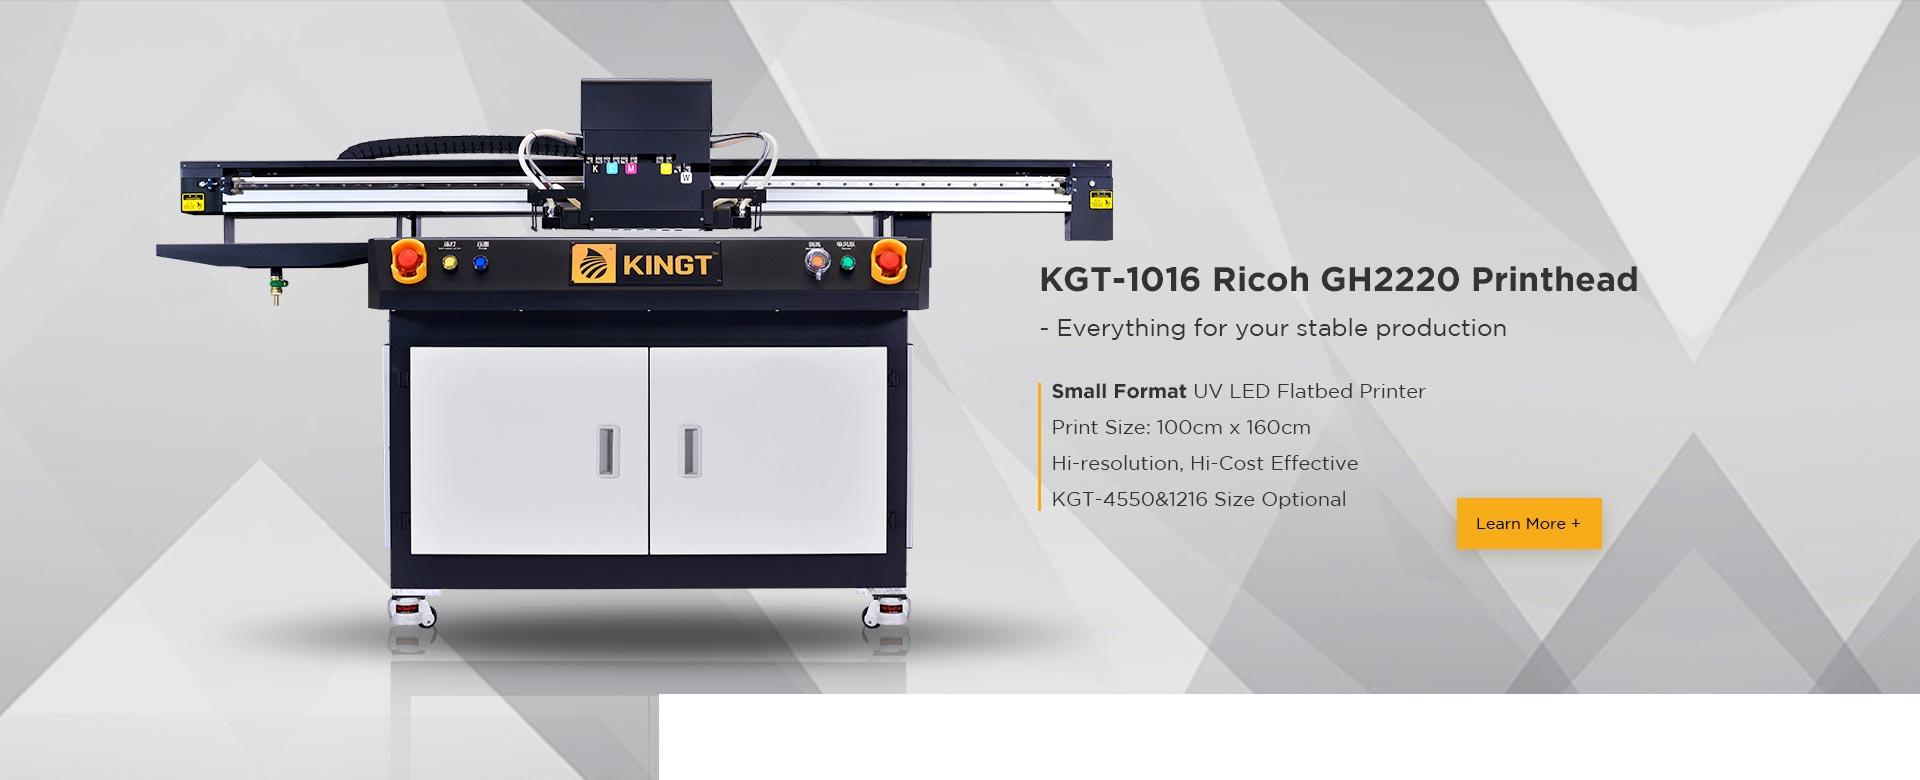 Shenzhen KINGT Technology Co., Ltd.